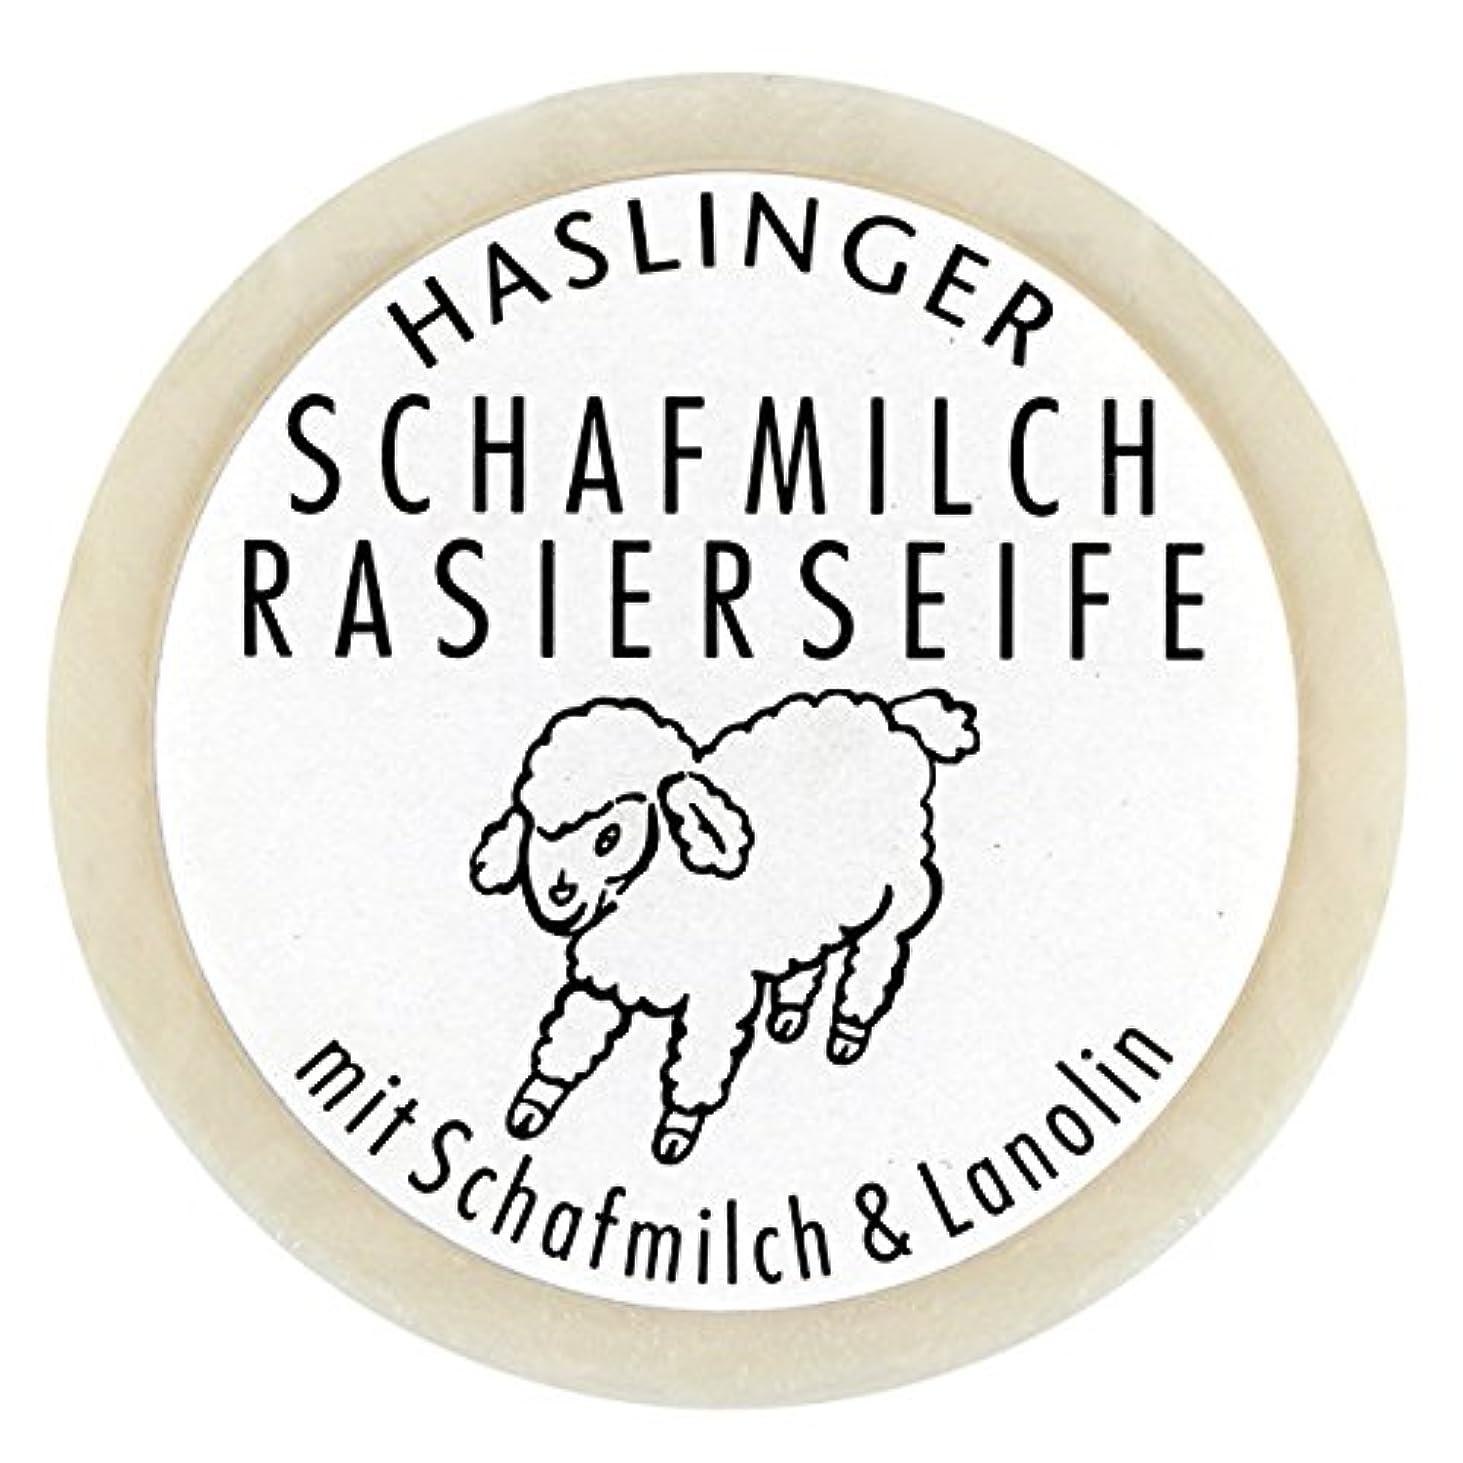 従う予報監督するSchafmilch Rasierseife (Ewe`s Milk Shave Soap) 60g soap bar by Haslinger by Haslinger